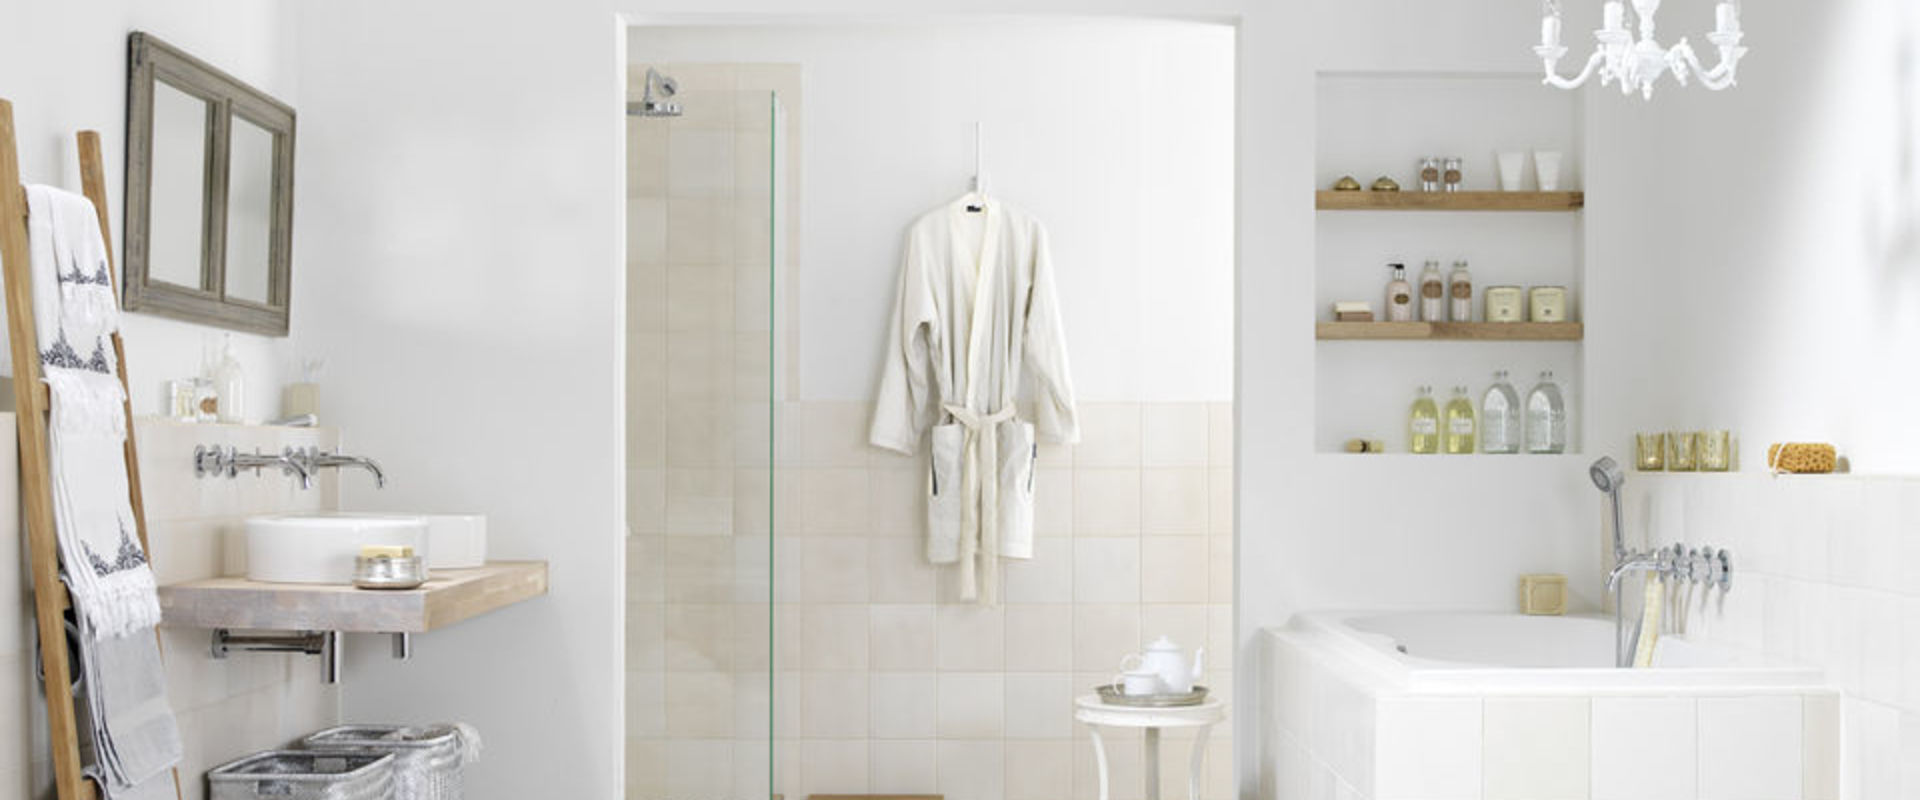 Ontdek onze showroombadkamers | Wooning